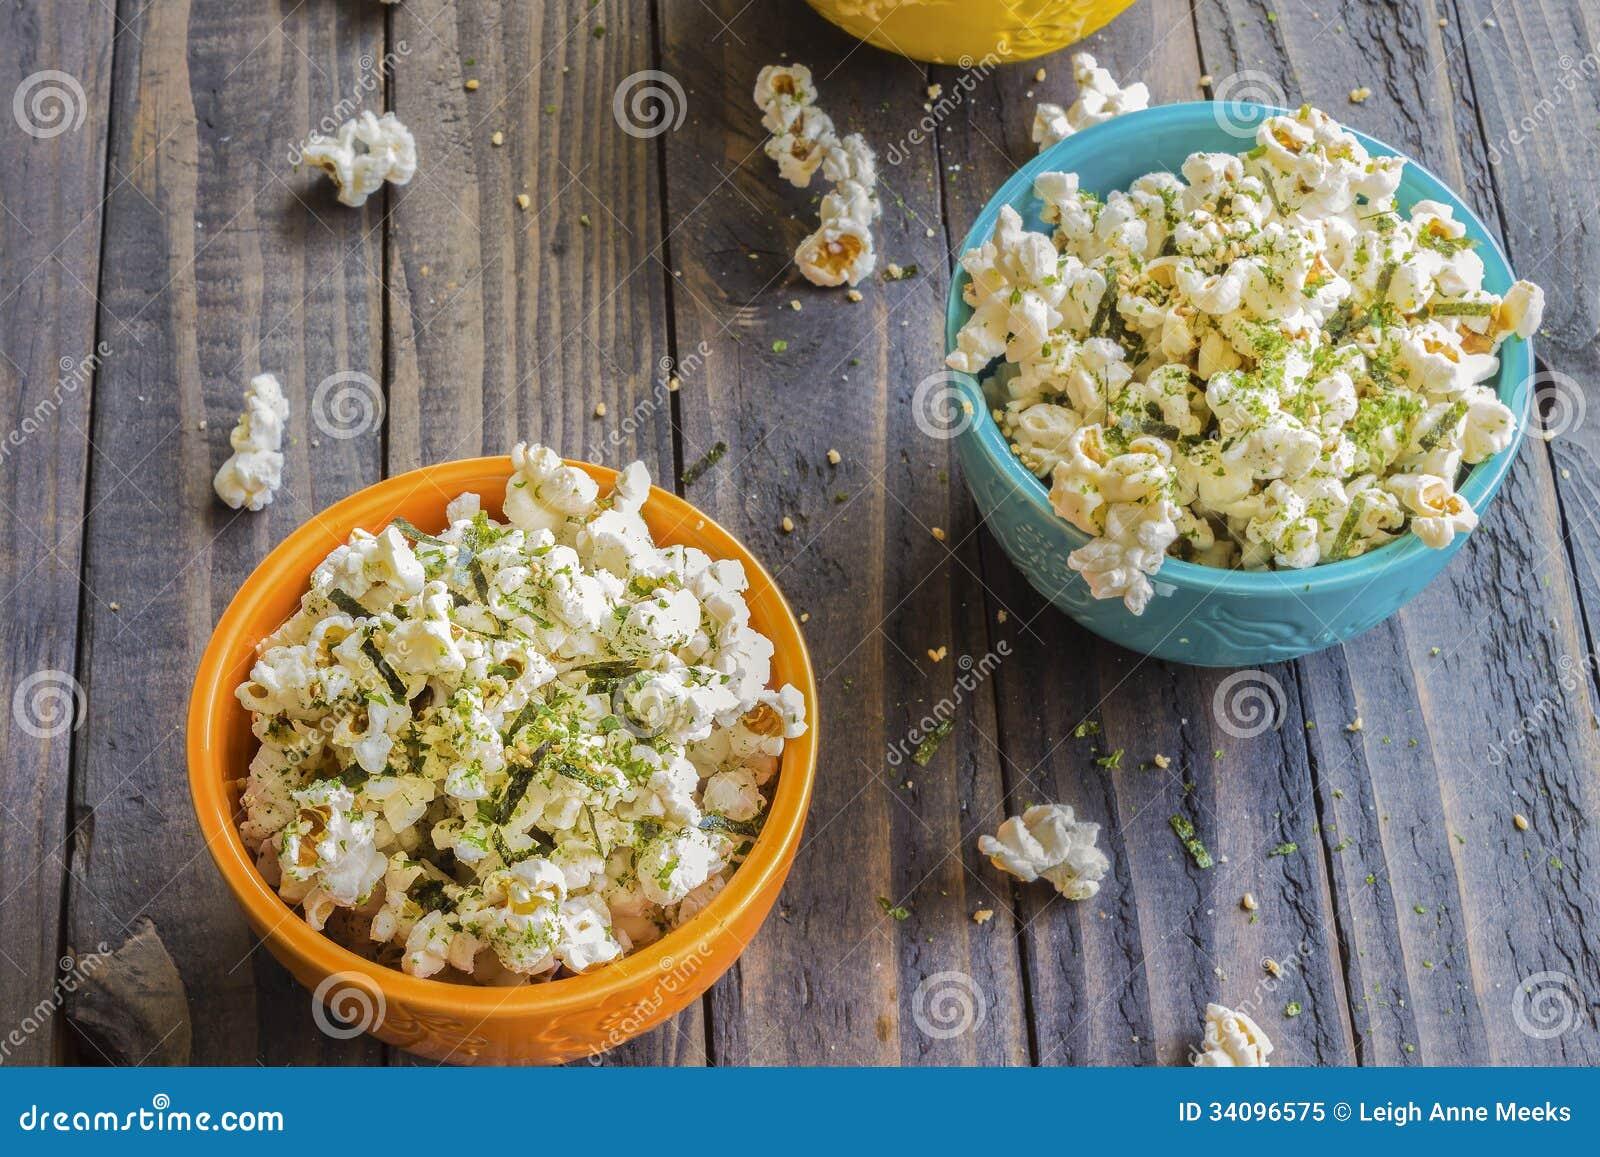 Furikake Popcorn Royalty Free Stock Photo - Image: 34096575